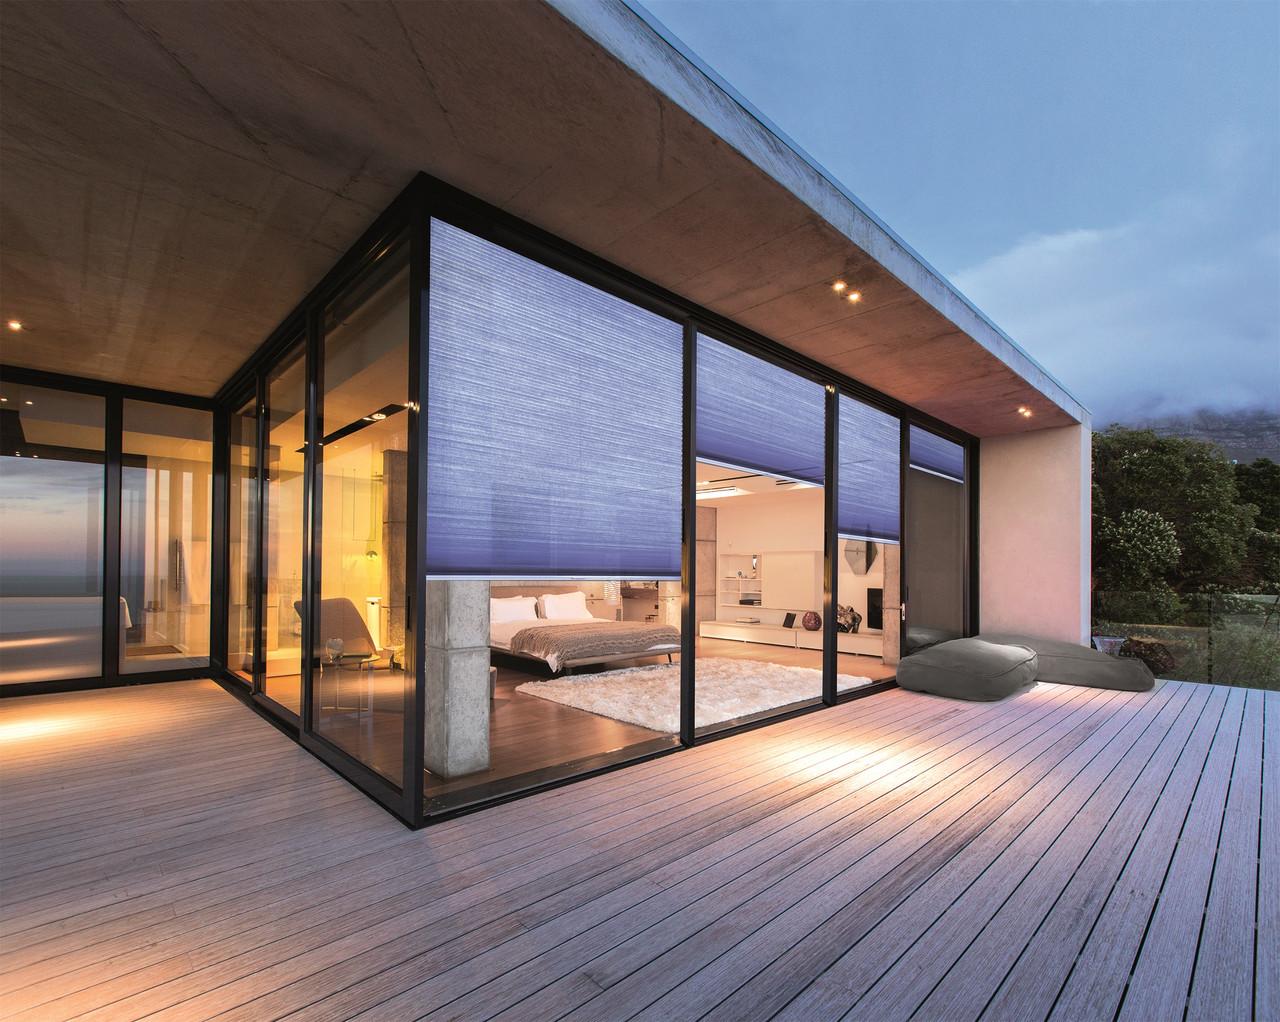 plissee 1 fach trendy jalousien und rollos jalousien und rollos jalousien und rollos with. Black Bedroom Furniture Sets. Home Design Ideas